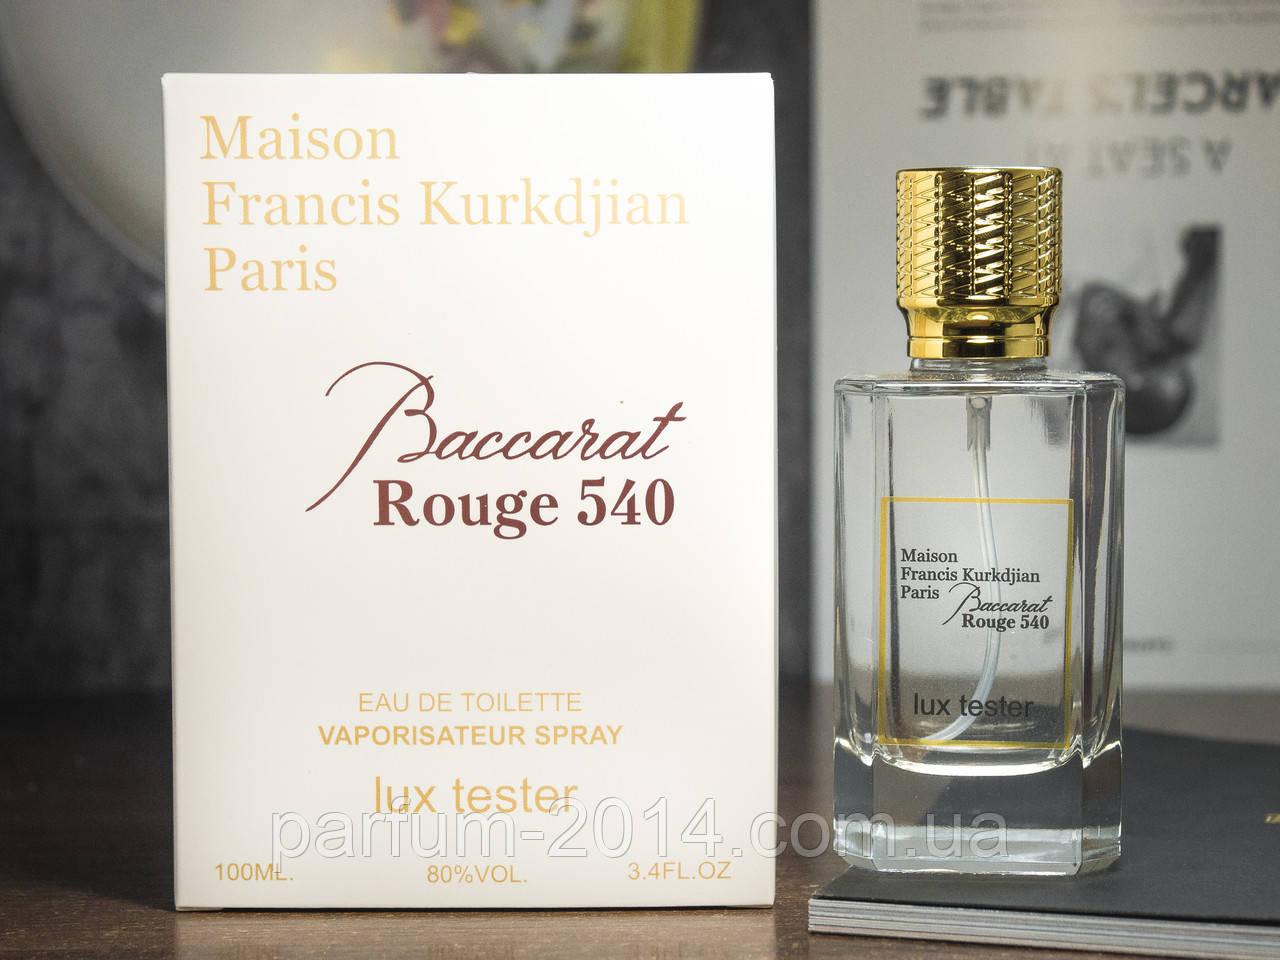 Унисекс аромат бакарат Baccarat Rouge 540 100 мл (лиц) аромат запах духи пробник тестер tester